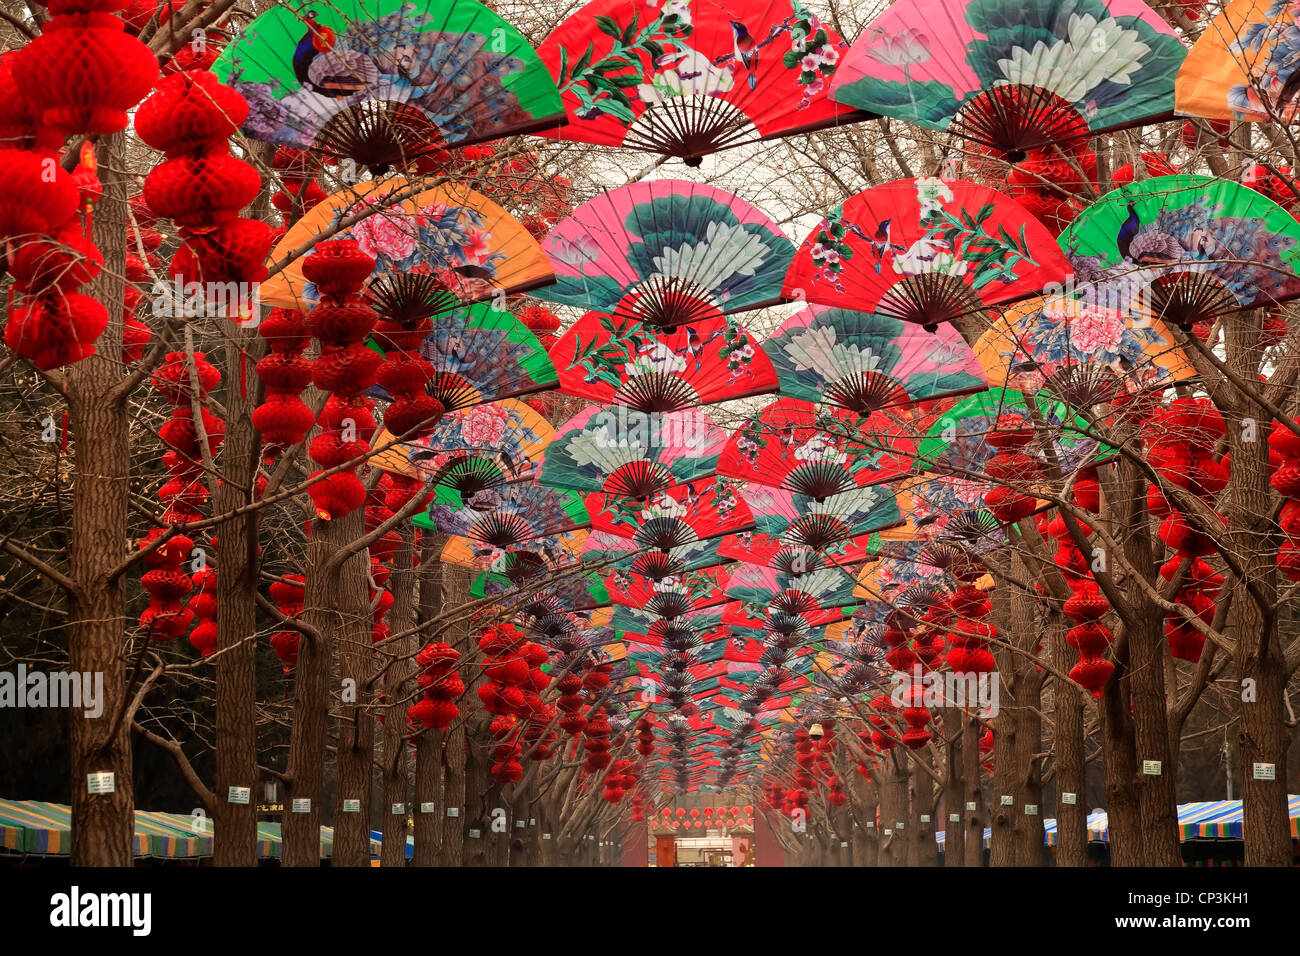 Gli appassionati della carta Lucky lanterne rosse nuovo anno lunare cinese decorazioni Parco Ditan, Pechino, Cina Foto Stock